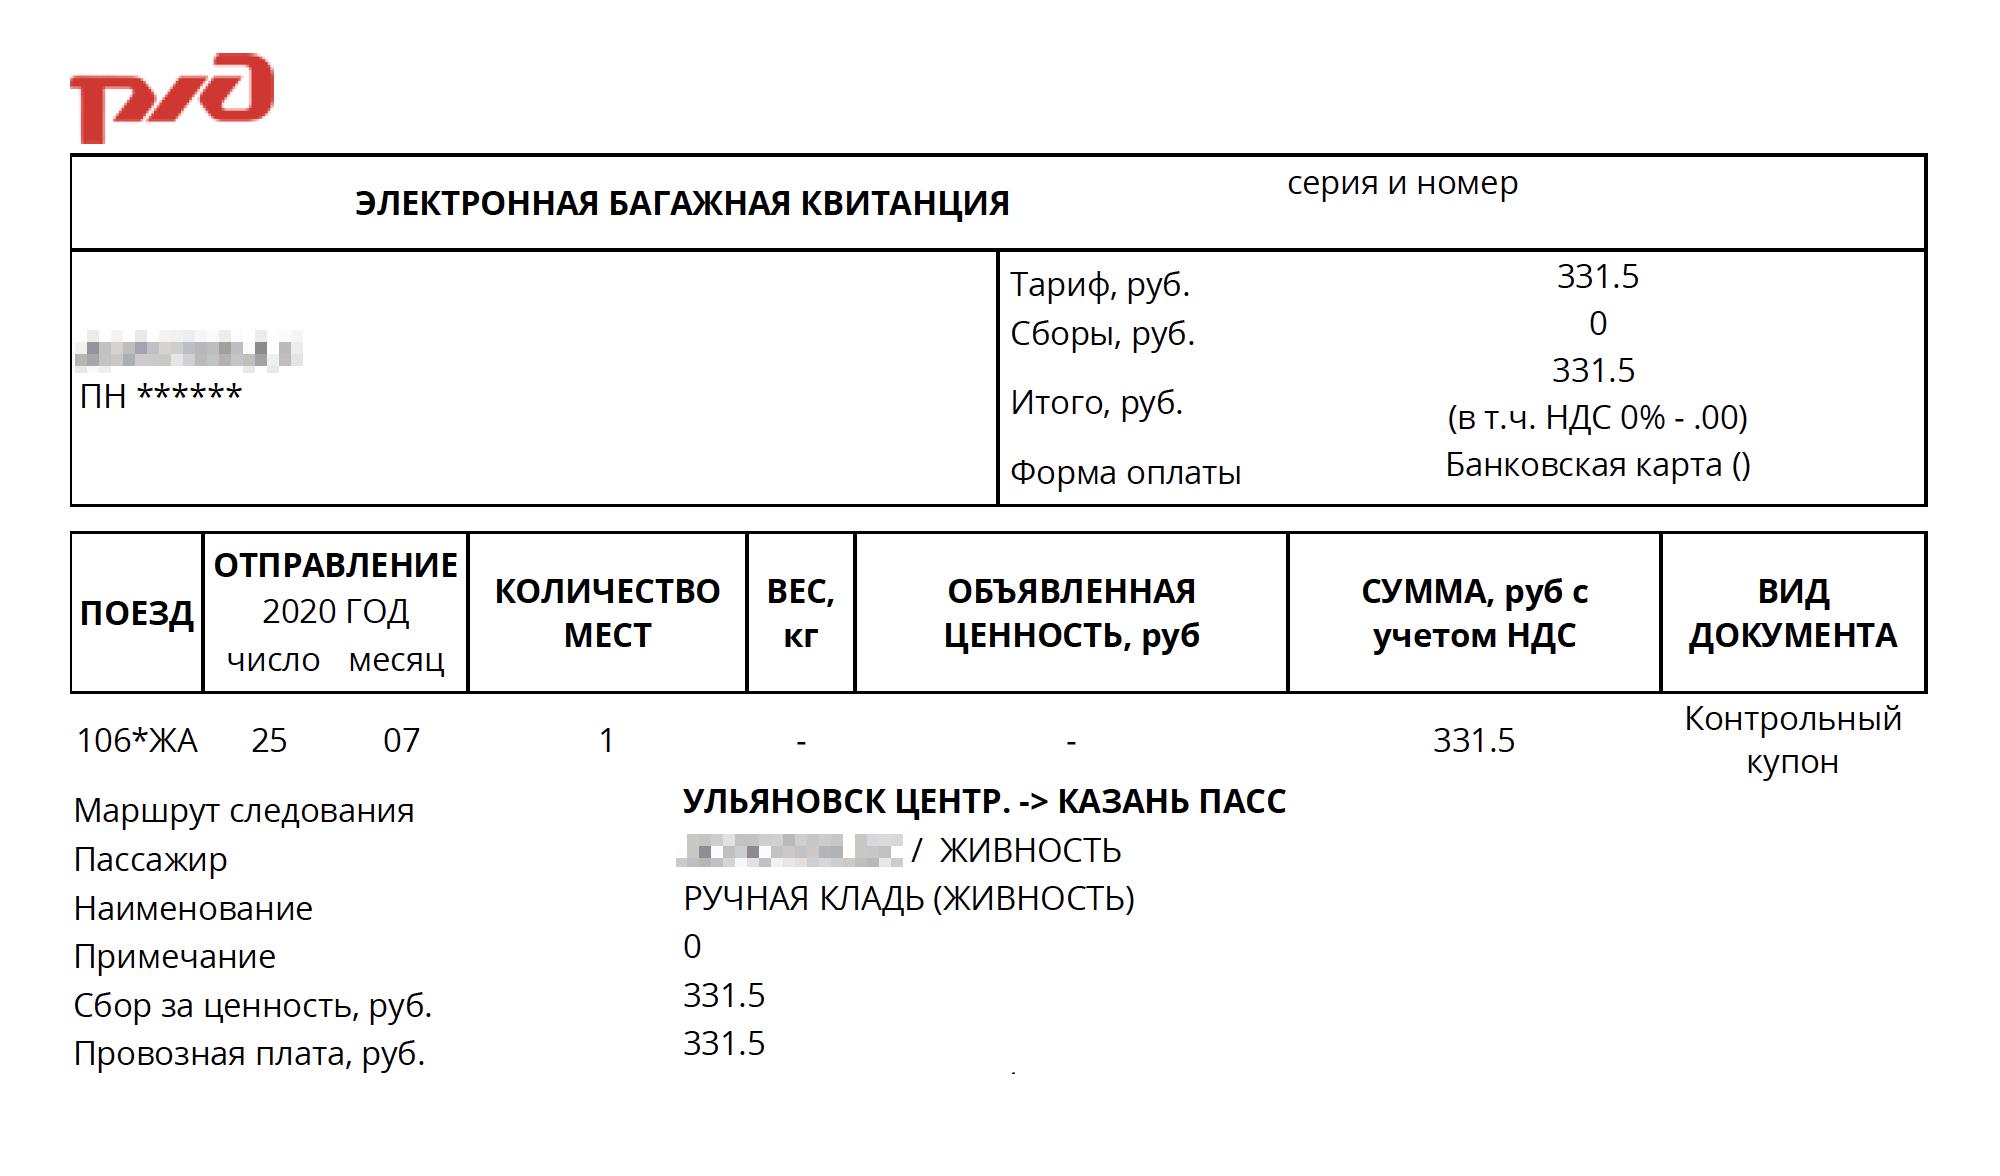 Доплата за Фибу в&nbsp;поезде Ульяновск — Казань, который идет 5&nbsp;часов 13&nbsp;минут, оказалась меньше на&nbsp;13,5&nbsp;<span class=ruble>Р</span>, чем в&nbsp;поезде Нижний Новгород — Владимир, который идет всего 2,5&nbsp;часа